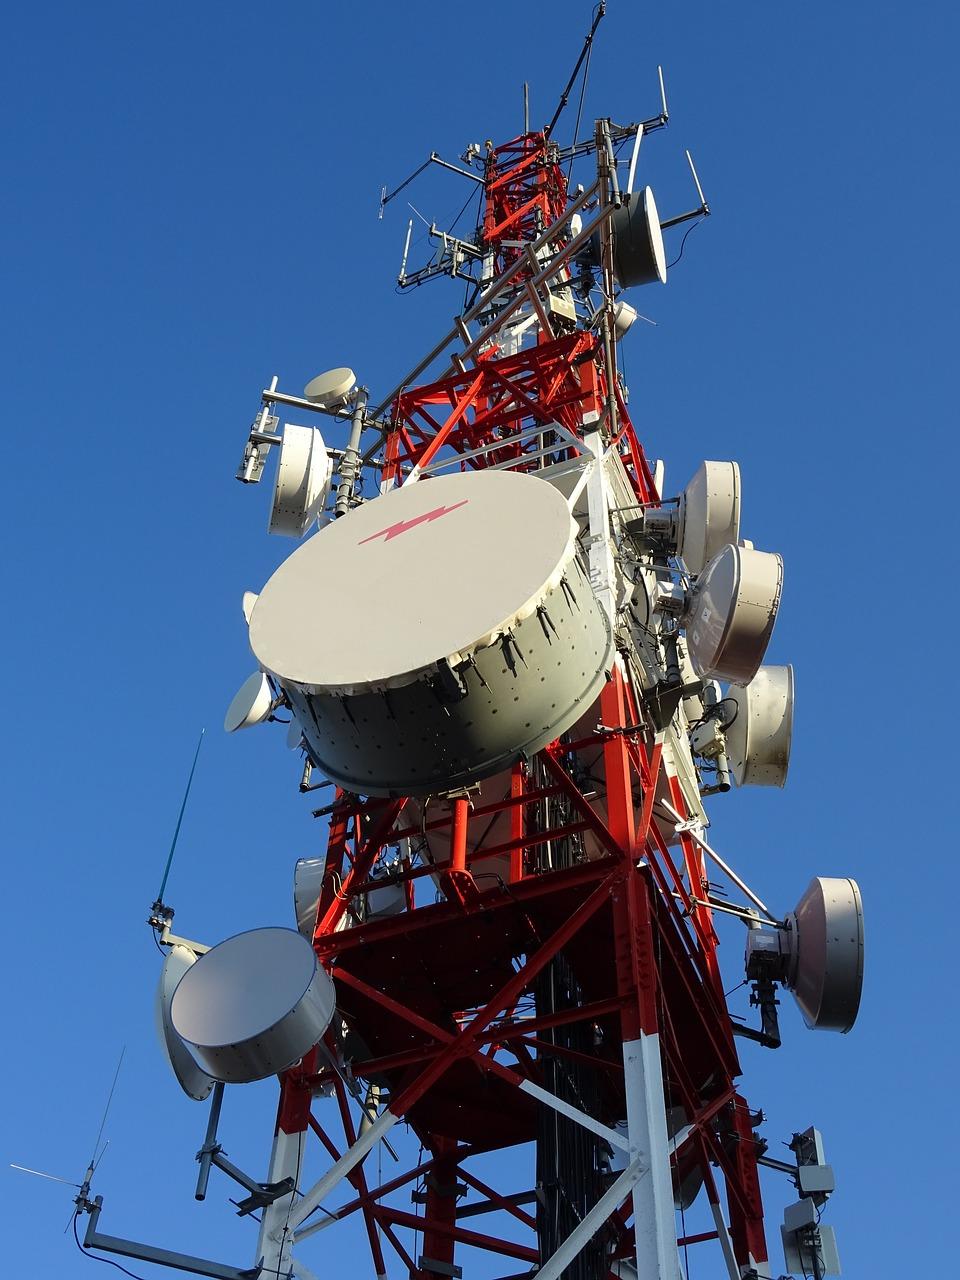 Resultado de imagem para 5g antennas